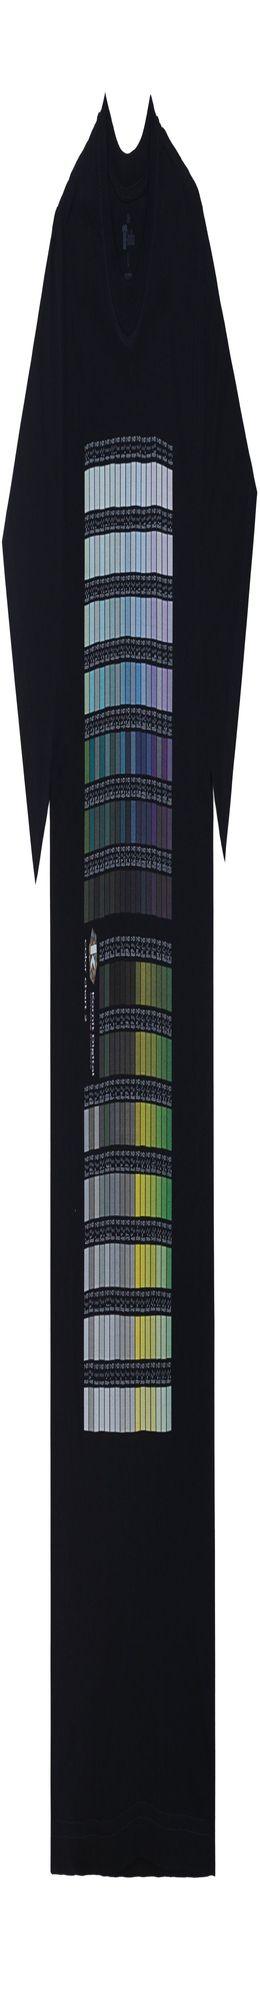 Футболка T-bolka 160 с DTG-печатью Kornit Color chart 2, темно-синяя фото